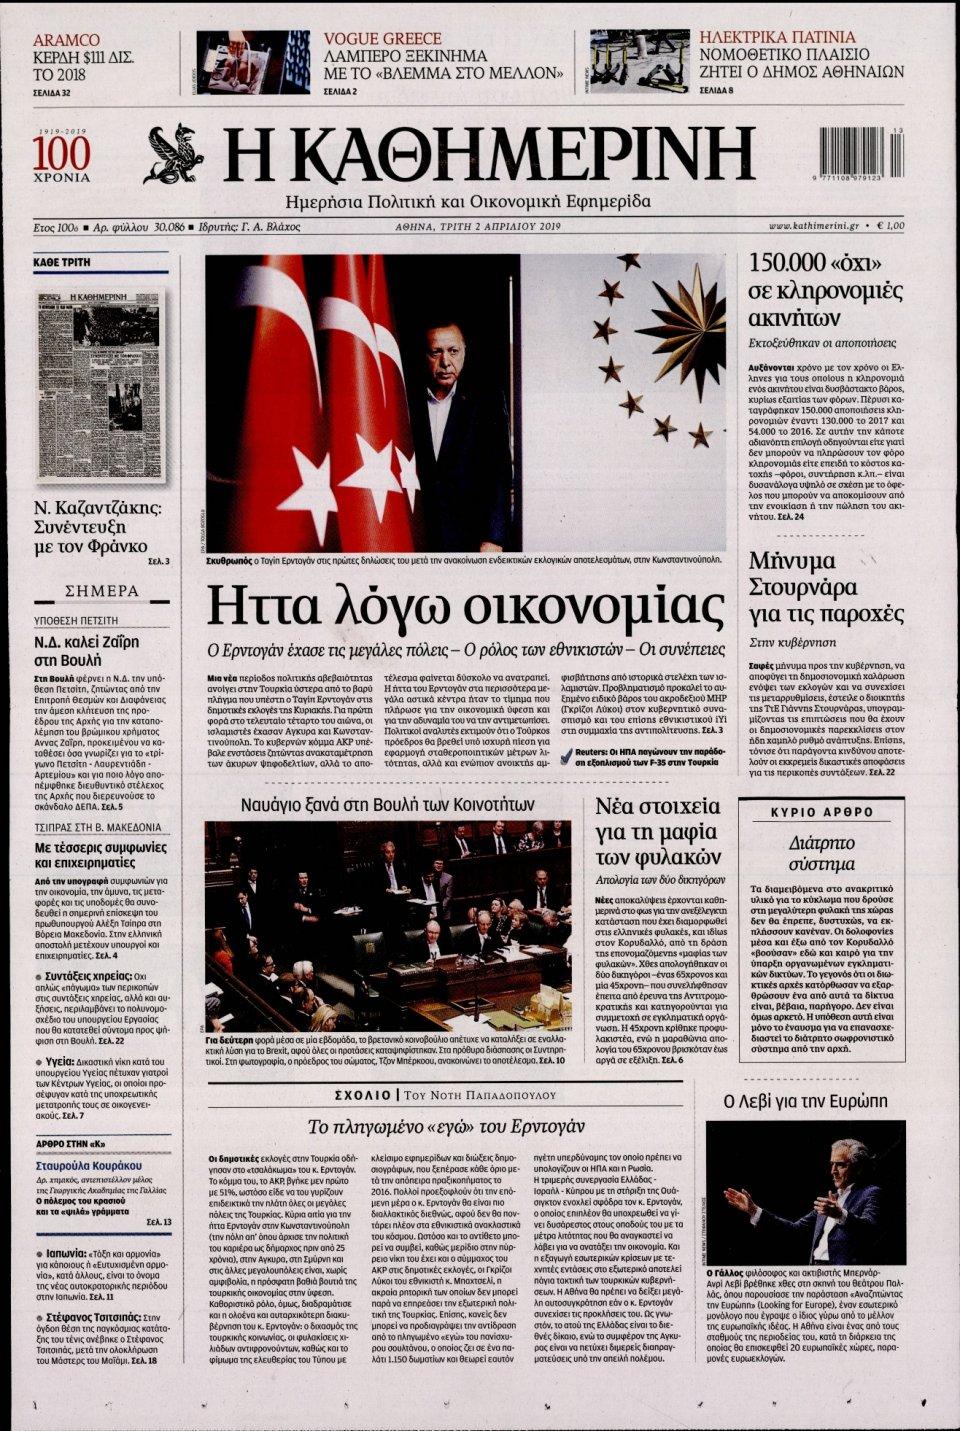 Πρωτοσέλιδο Εφημερίδας - Καθημερινή - 2019-04-02